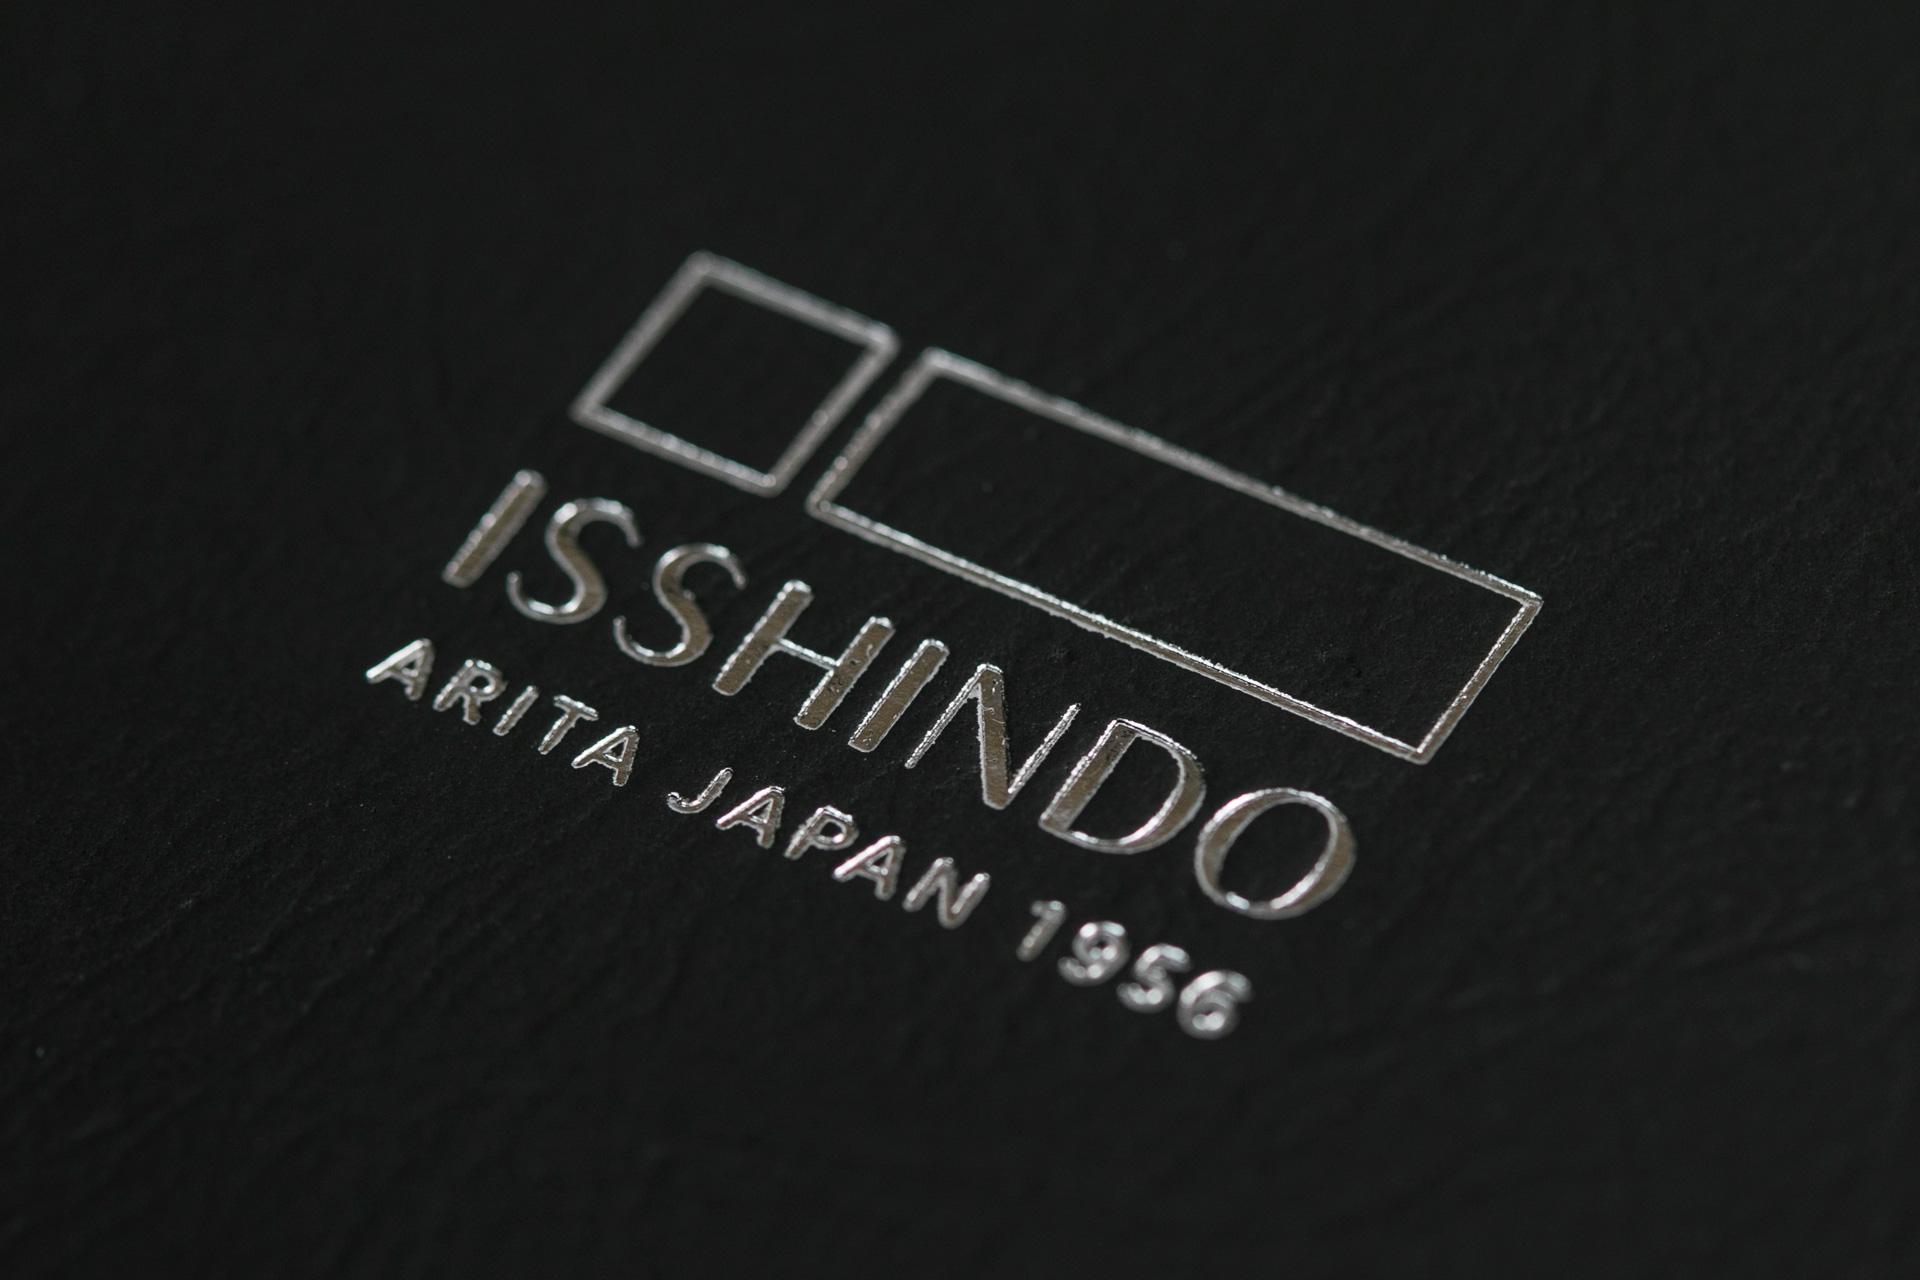 ISSHINDO IMAGE